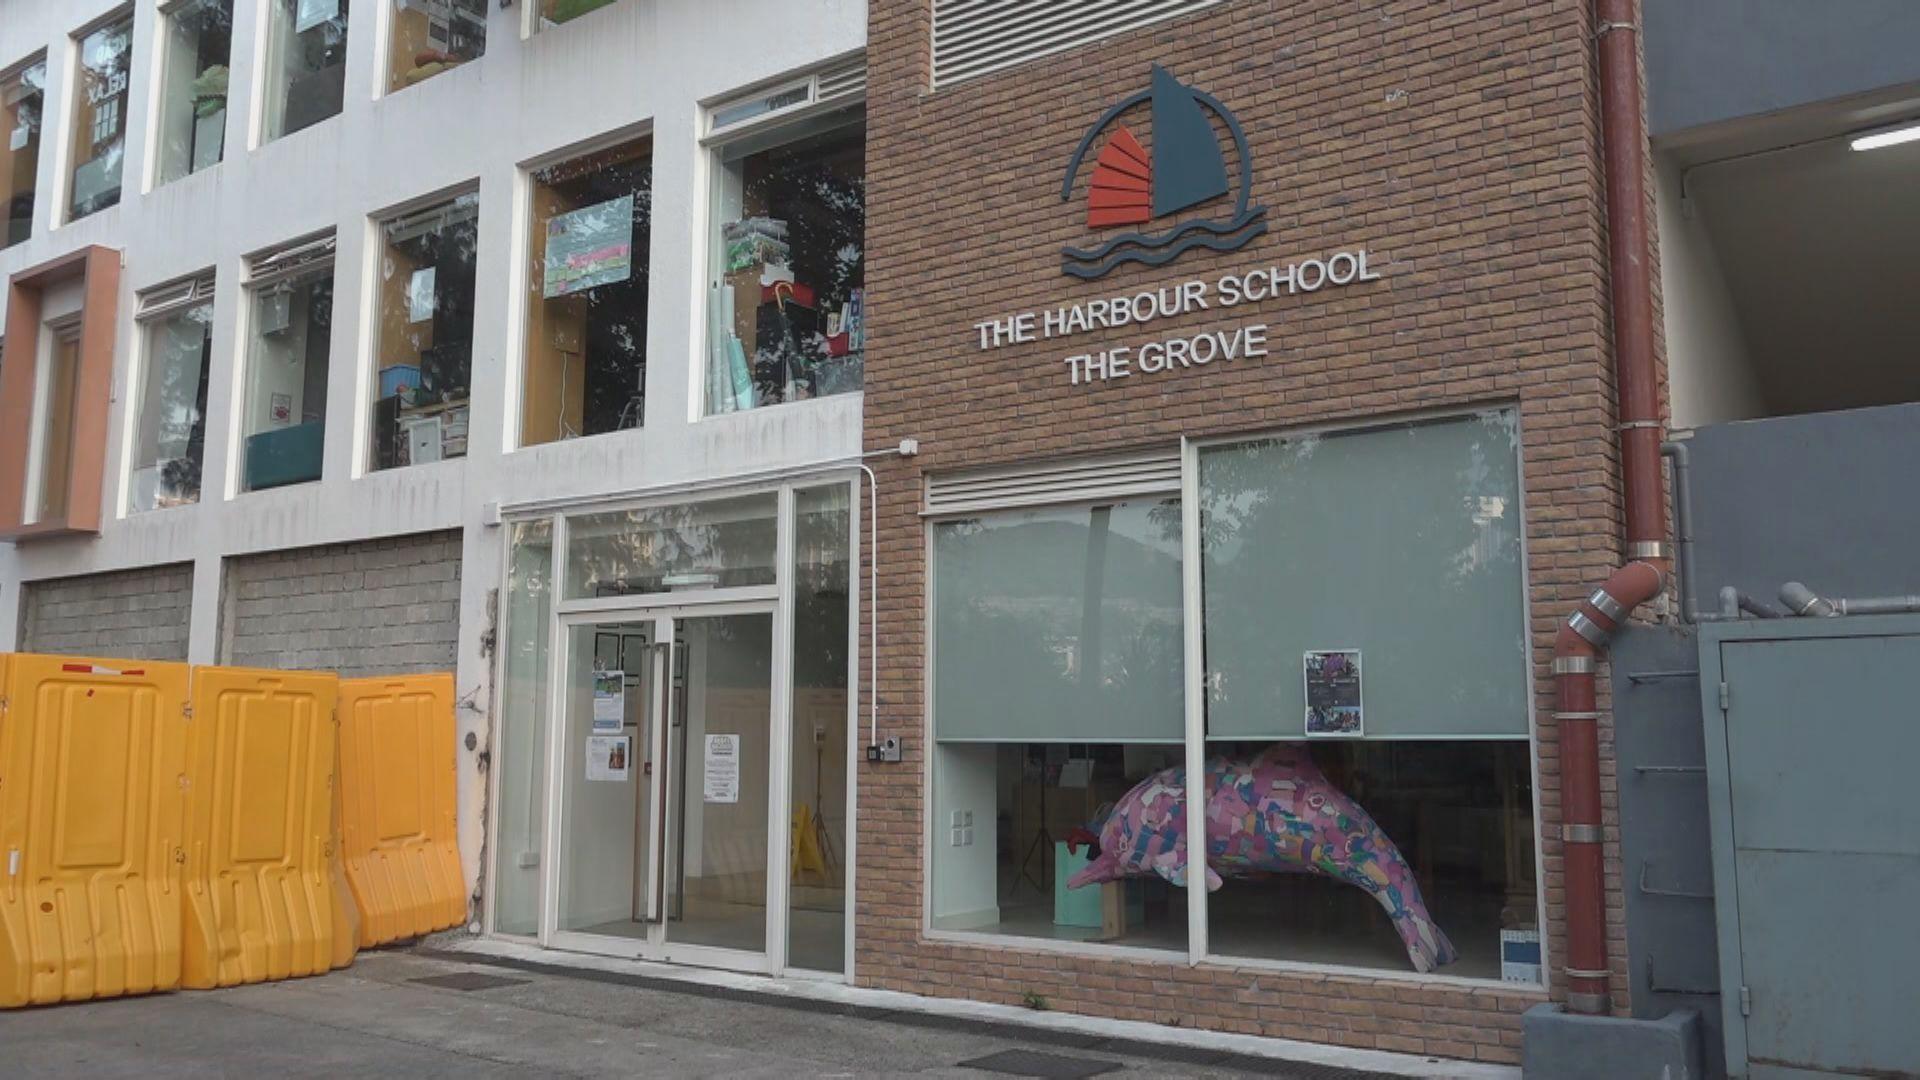 鴨脷洲港灣學校小型爆發 三名老師染疫